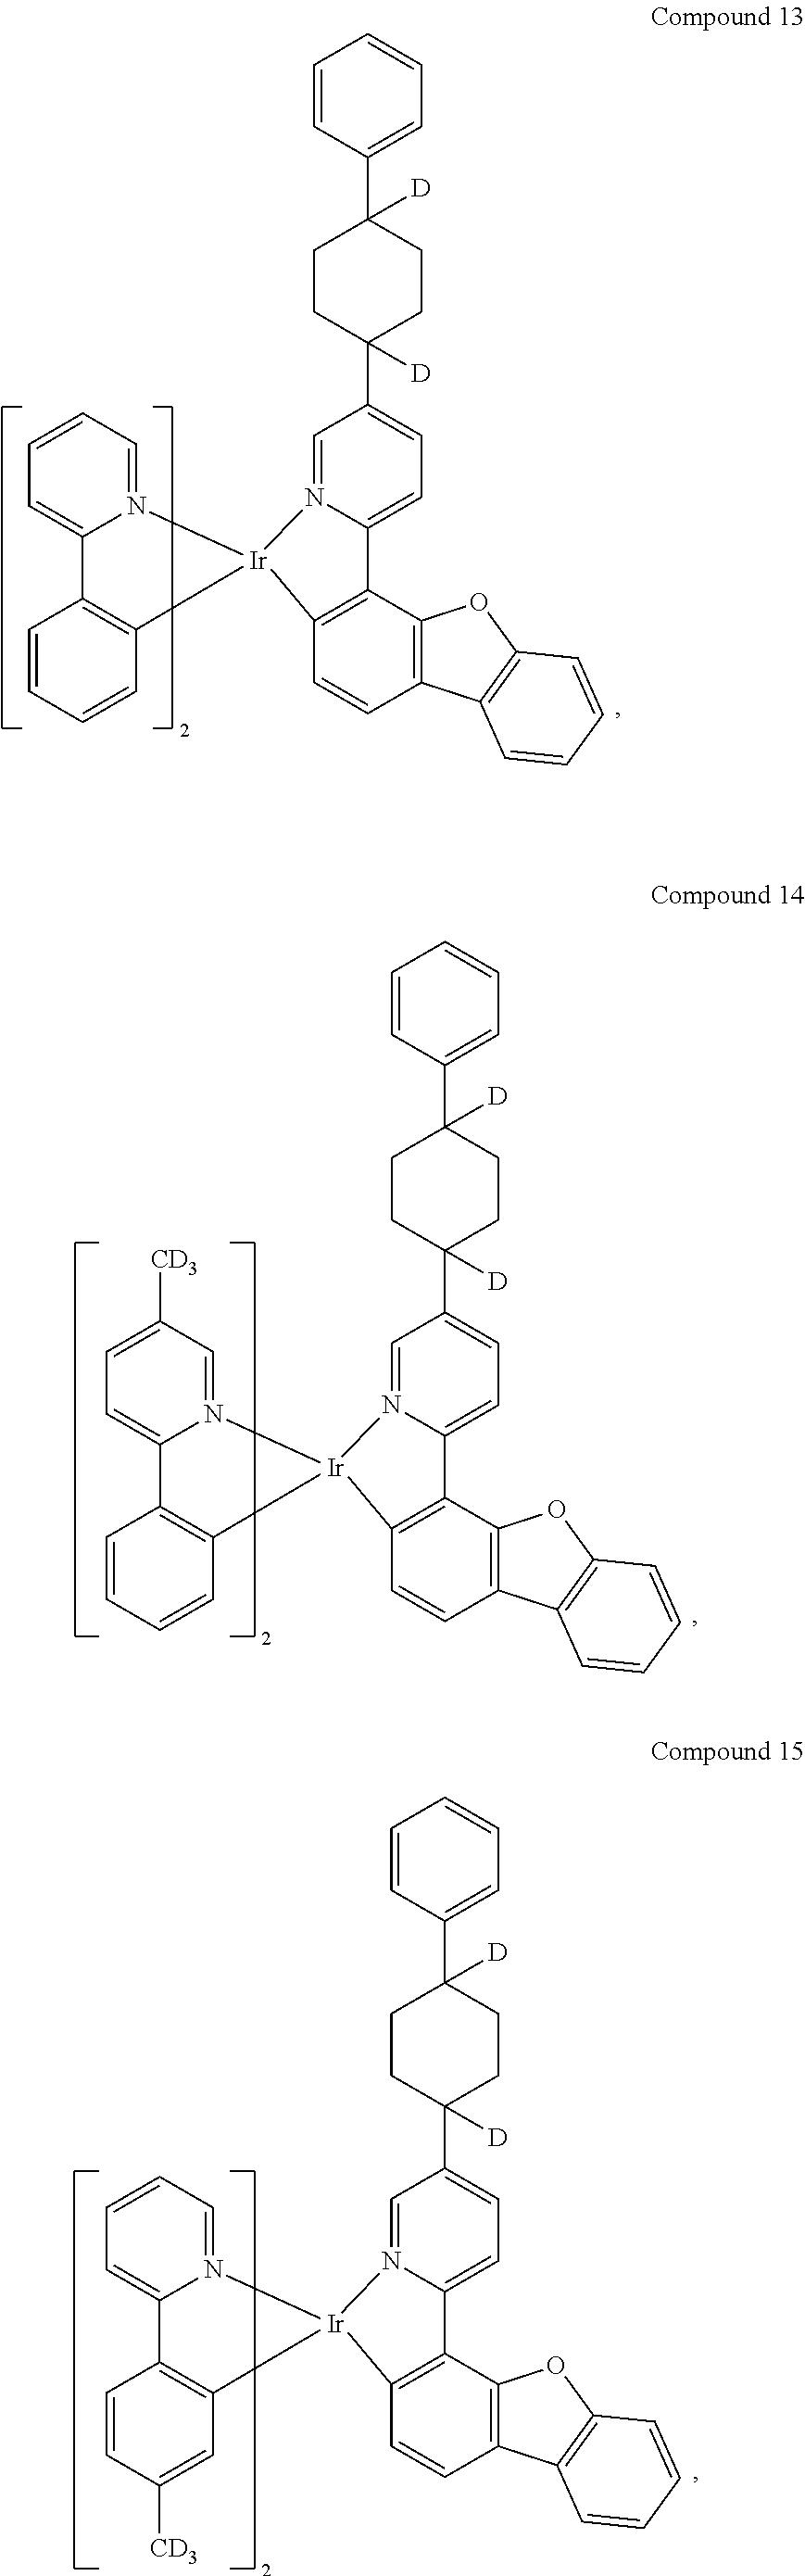 Figure US20180076393A1-20180315-C00158